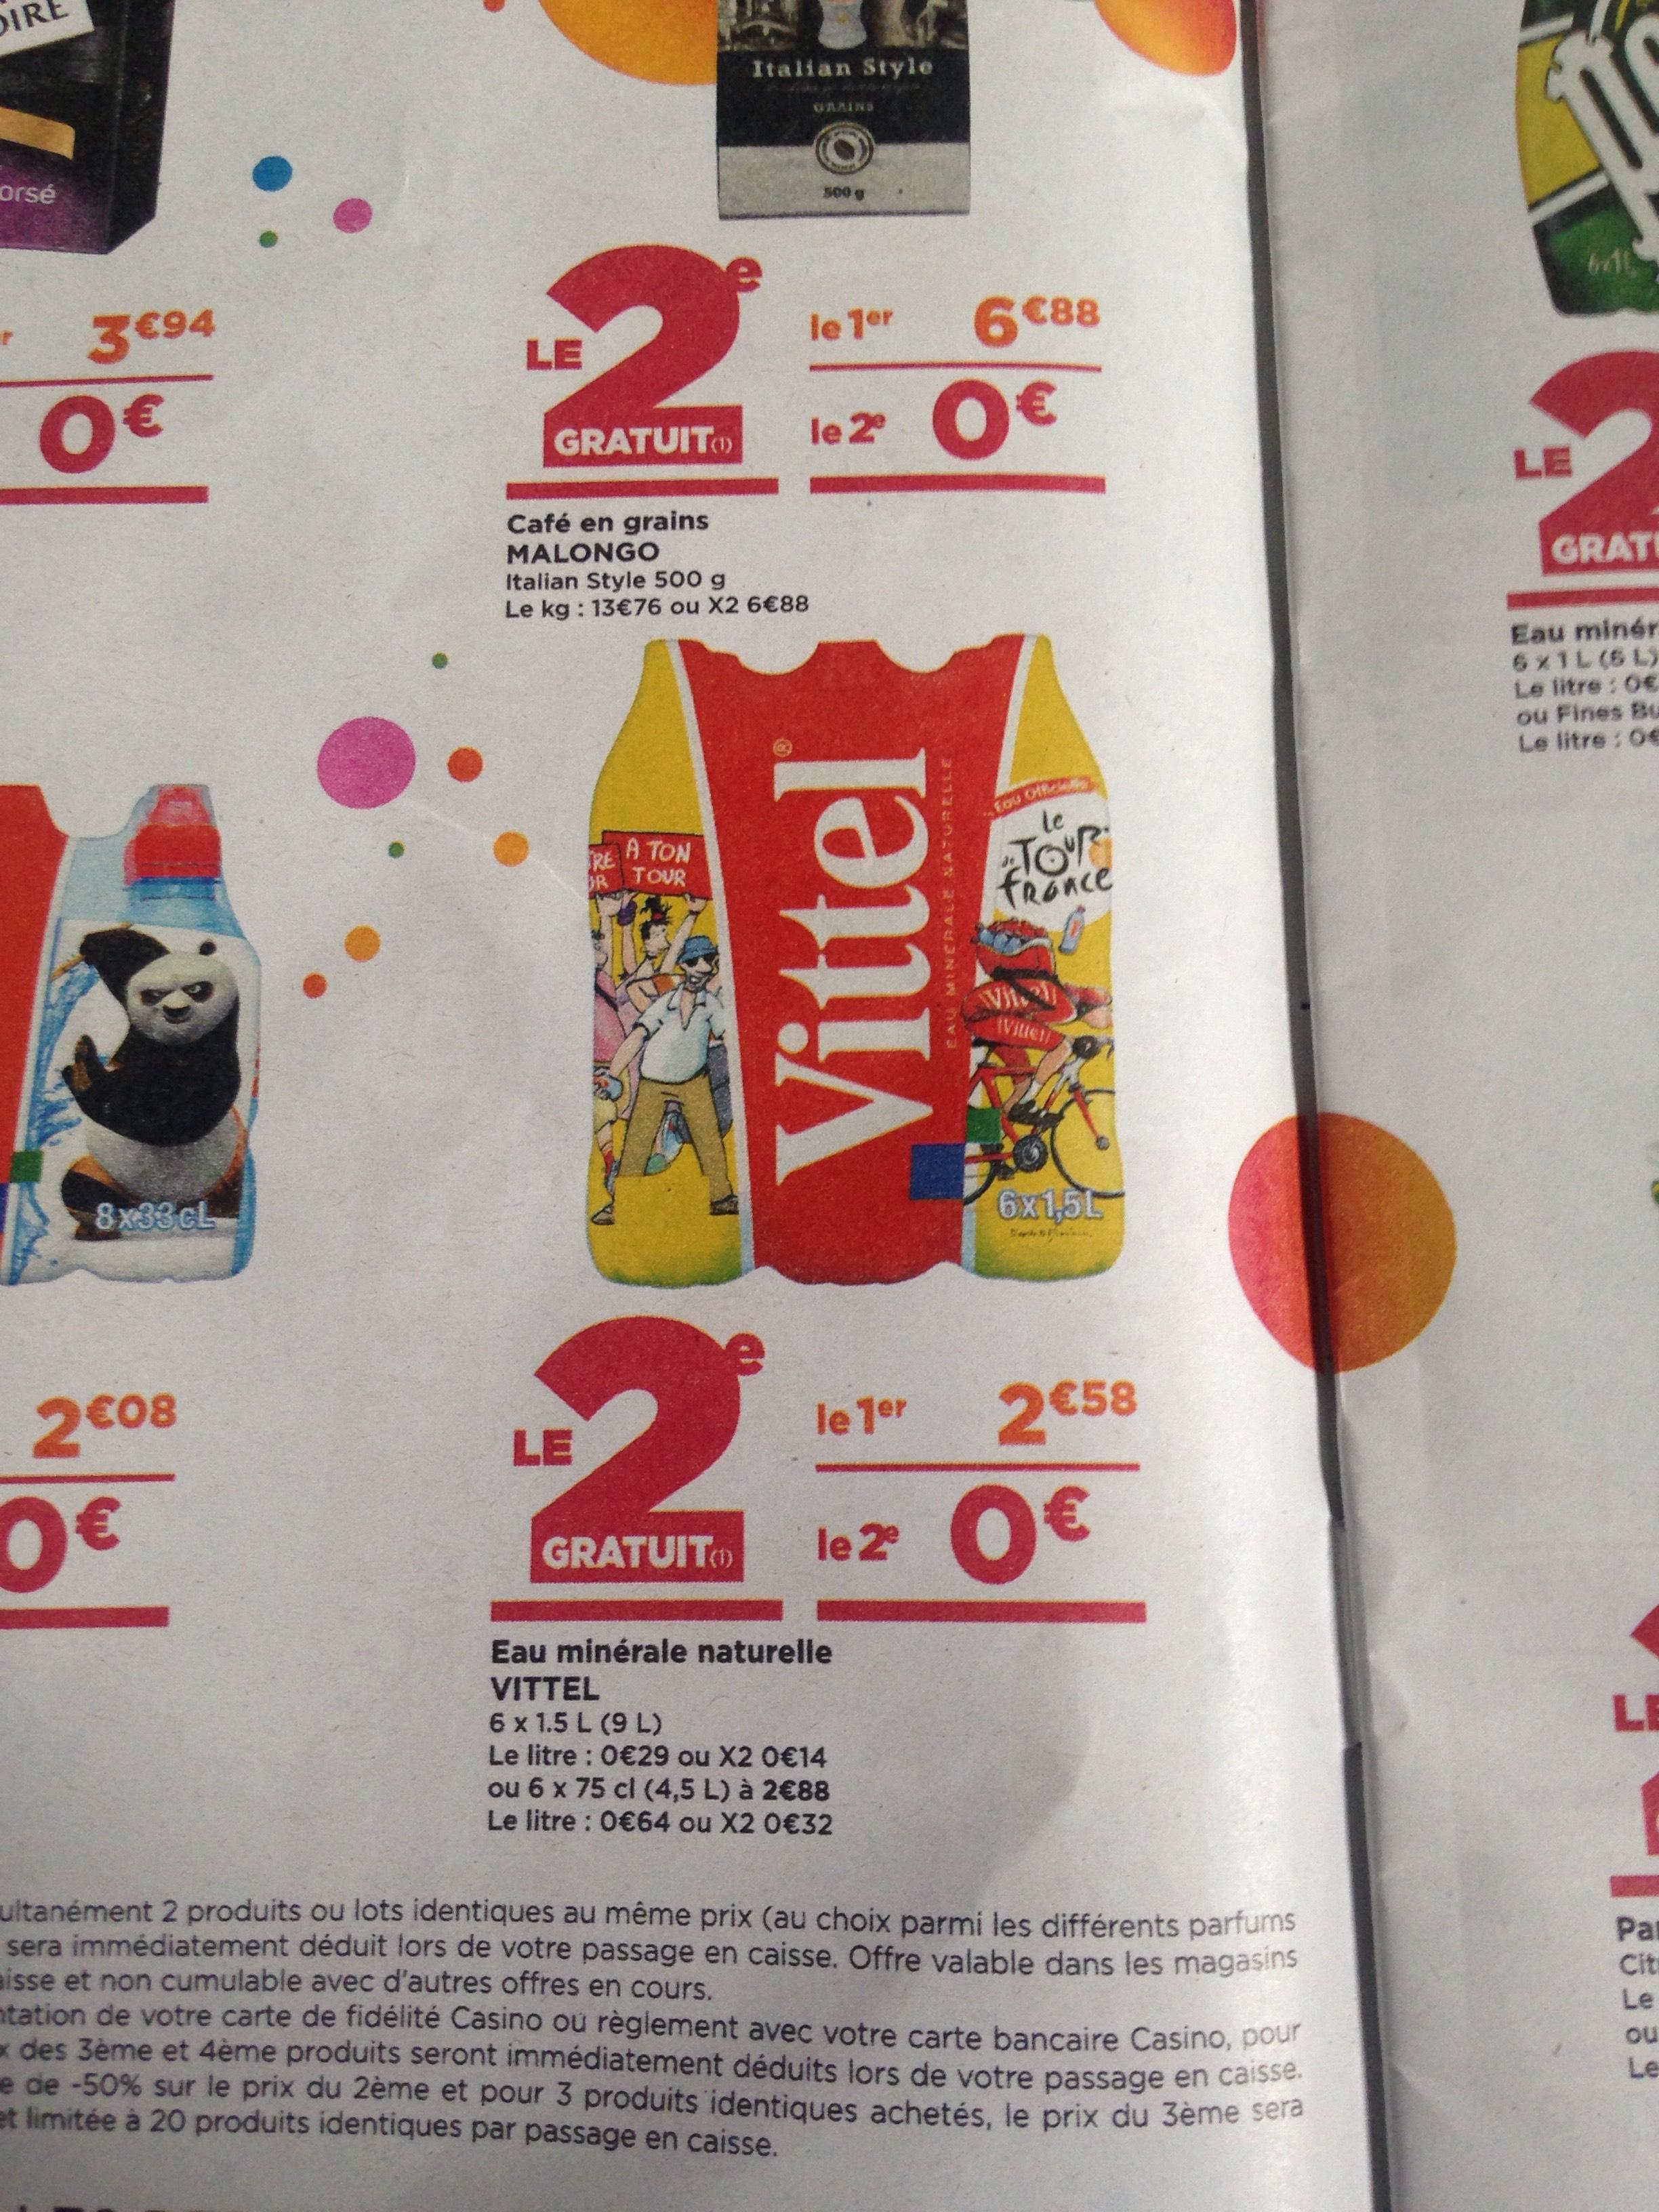 2 Packs de 6 Bouteille d'eau Vittel - 12x1.5L